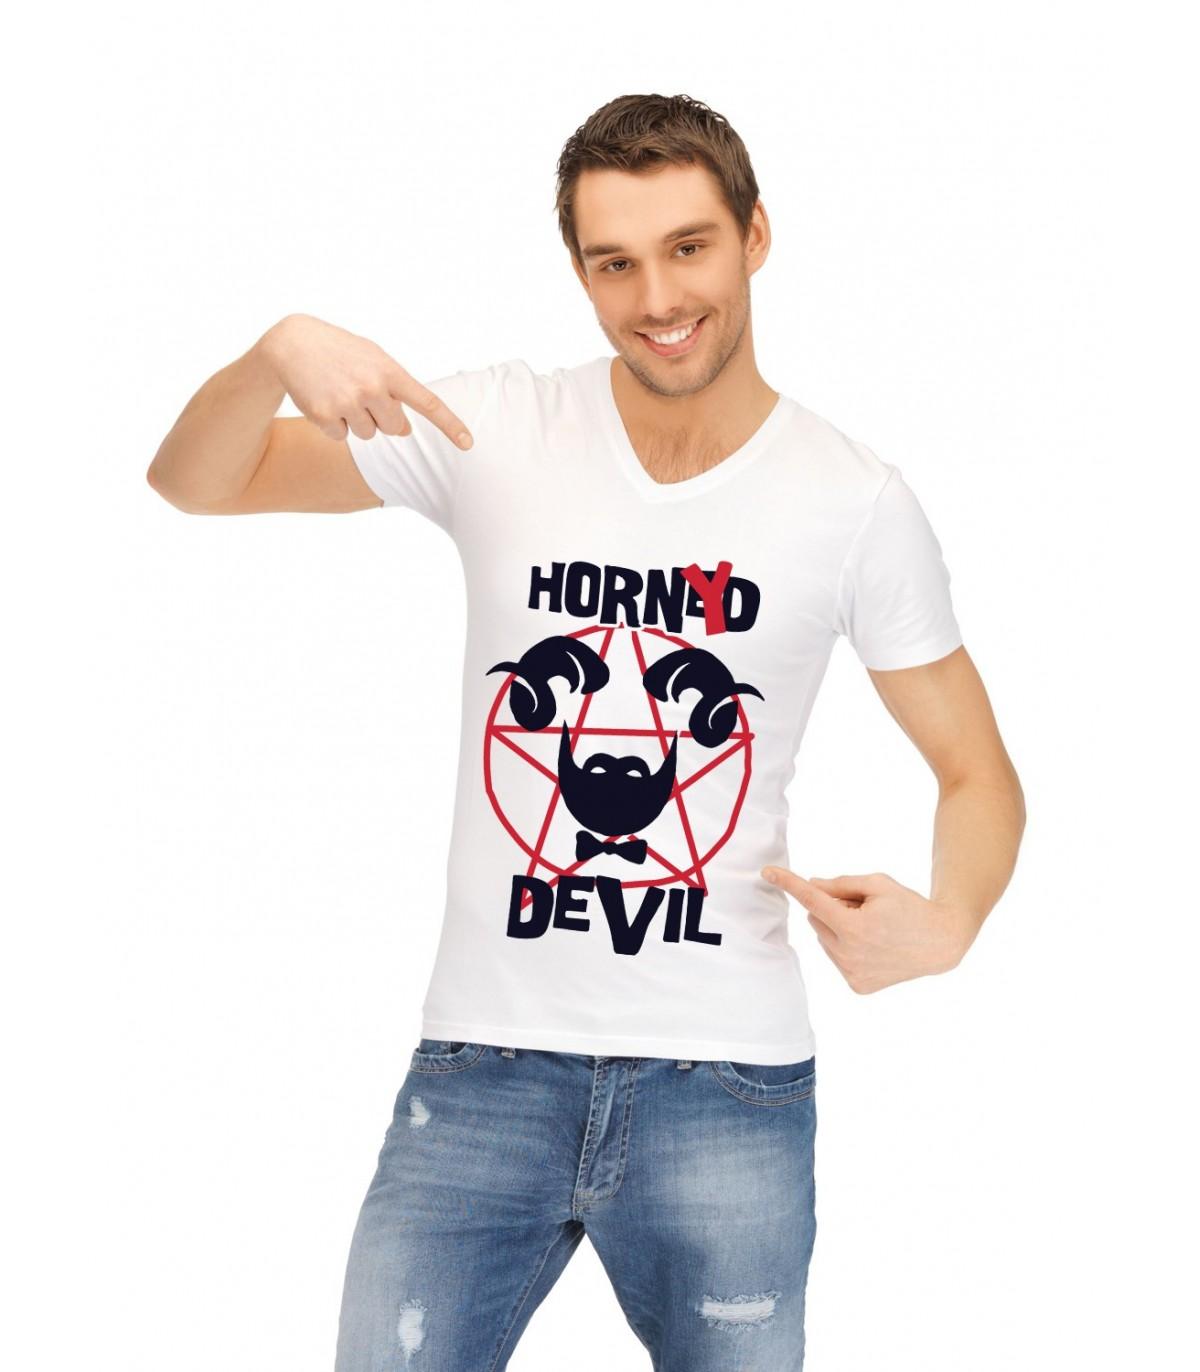 Tee shirt fashion original